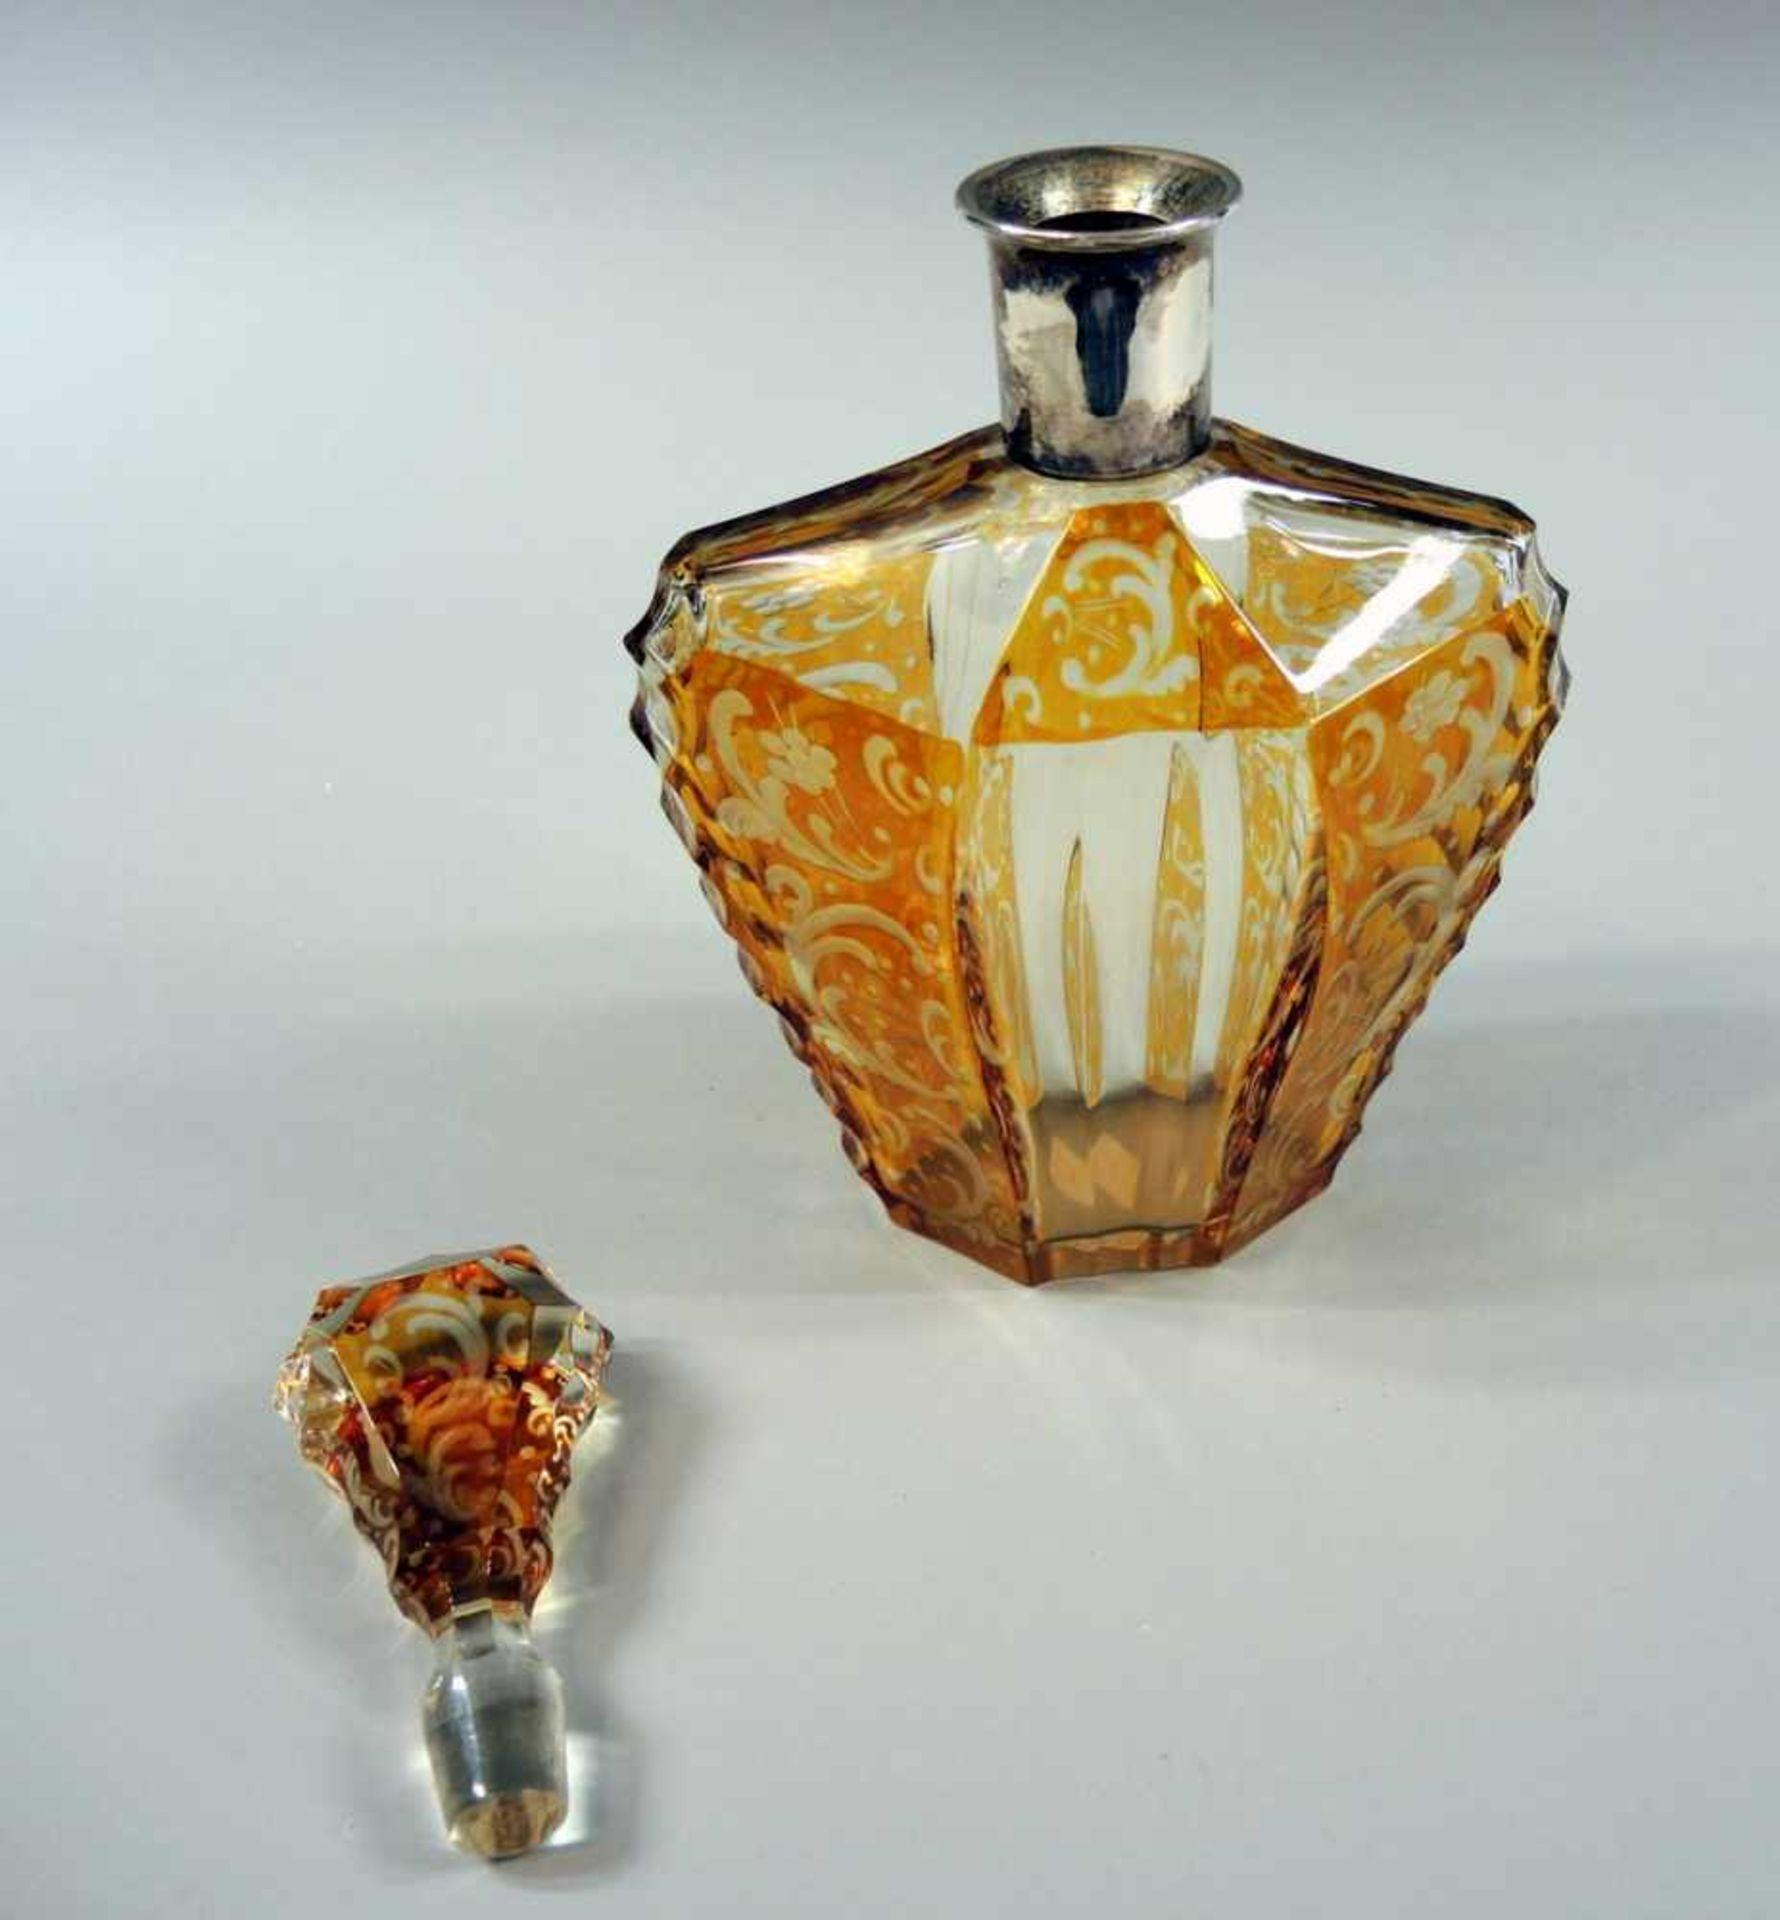 Los 39 - Josephinenhütte Kristall-Karaffe Glas, mit Gelbätze-Bernsteindekor, geometrisch geschliffenem Korpus